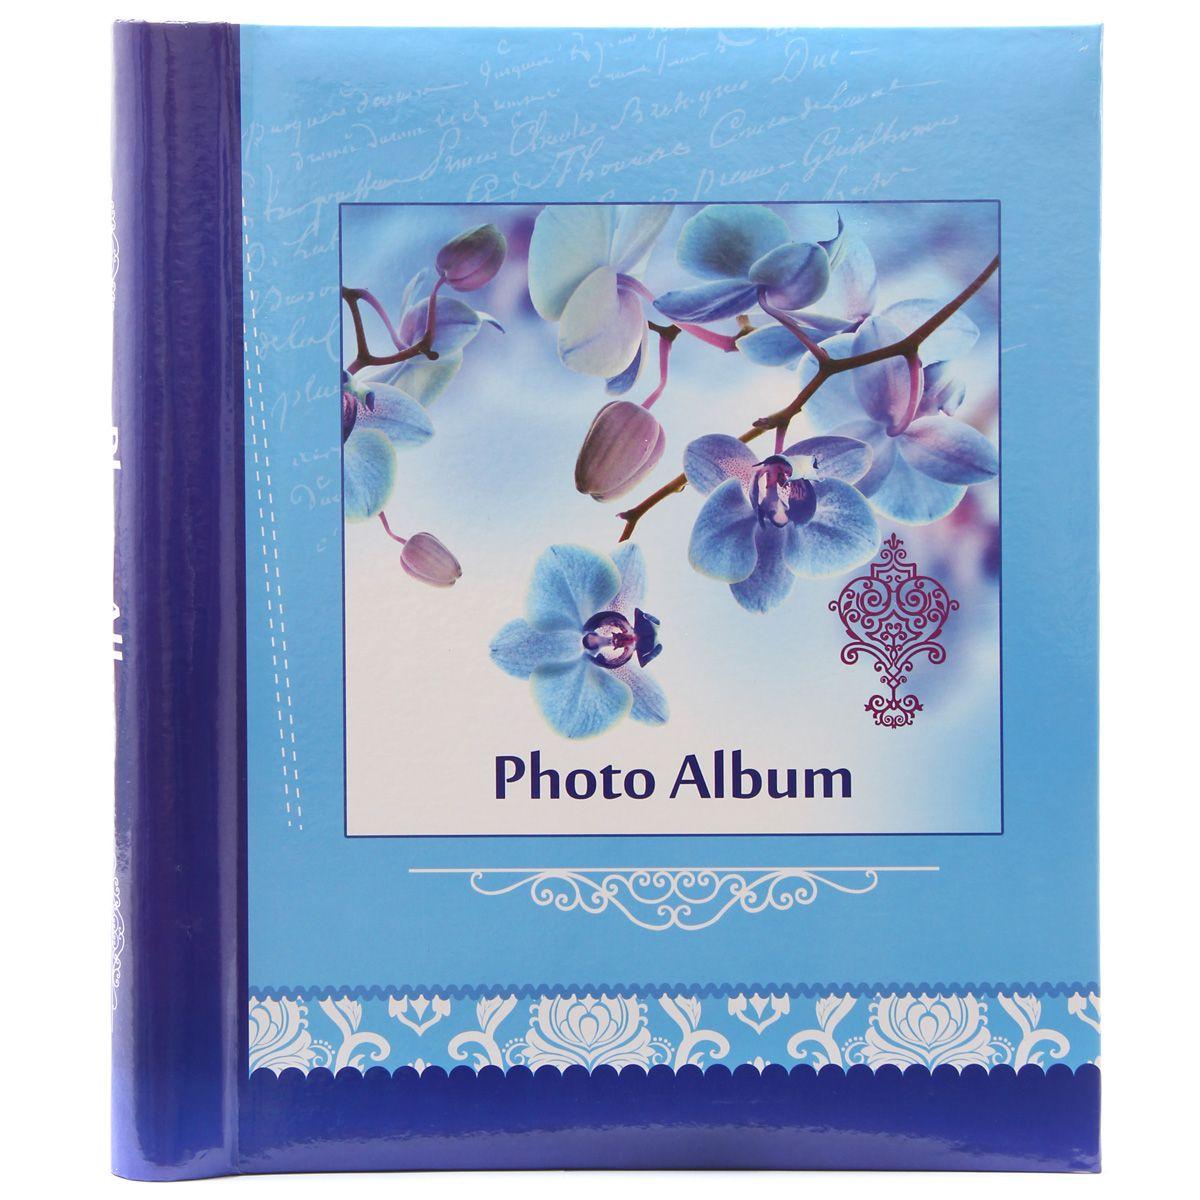 Фотоальбом Pioneer Spring Paints, 20 магнитных листов, 23 х 28 см, цвет: голубой46450 AP202328SAФотоальбом Pioneer Spring Paints поможет красиво оформить ваши фотографии.Обложка, выполненная из толстого картона, оформлена красочным изображением. Альбом с магнитными листами удобен тем, что он позволяет размещать фотографии разных размеров. Тип скрепления - спираль.Магнитные страницы обладают следующими преимуществами: - Не нужно прикладывать усилий для закрепления фотографий; - Не нужно заботиться о размерах фотографий, так как вы можете вставить вальбом фотографии разных размеров; - Защита фотографий от постоянных прикосновений зрителей с помощью пленки ПВХ.Нам всегда так приятно вспоминать о самых счастливых моментах жизни, запечатленных нафотографиях. Поэтому фотоальбом являетсяуниверсальным подарком к любому празднику.Количество листов: 20 шт.Размер листа: 23 х 28 см.